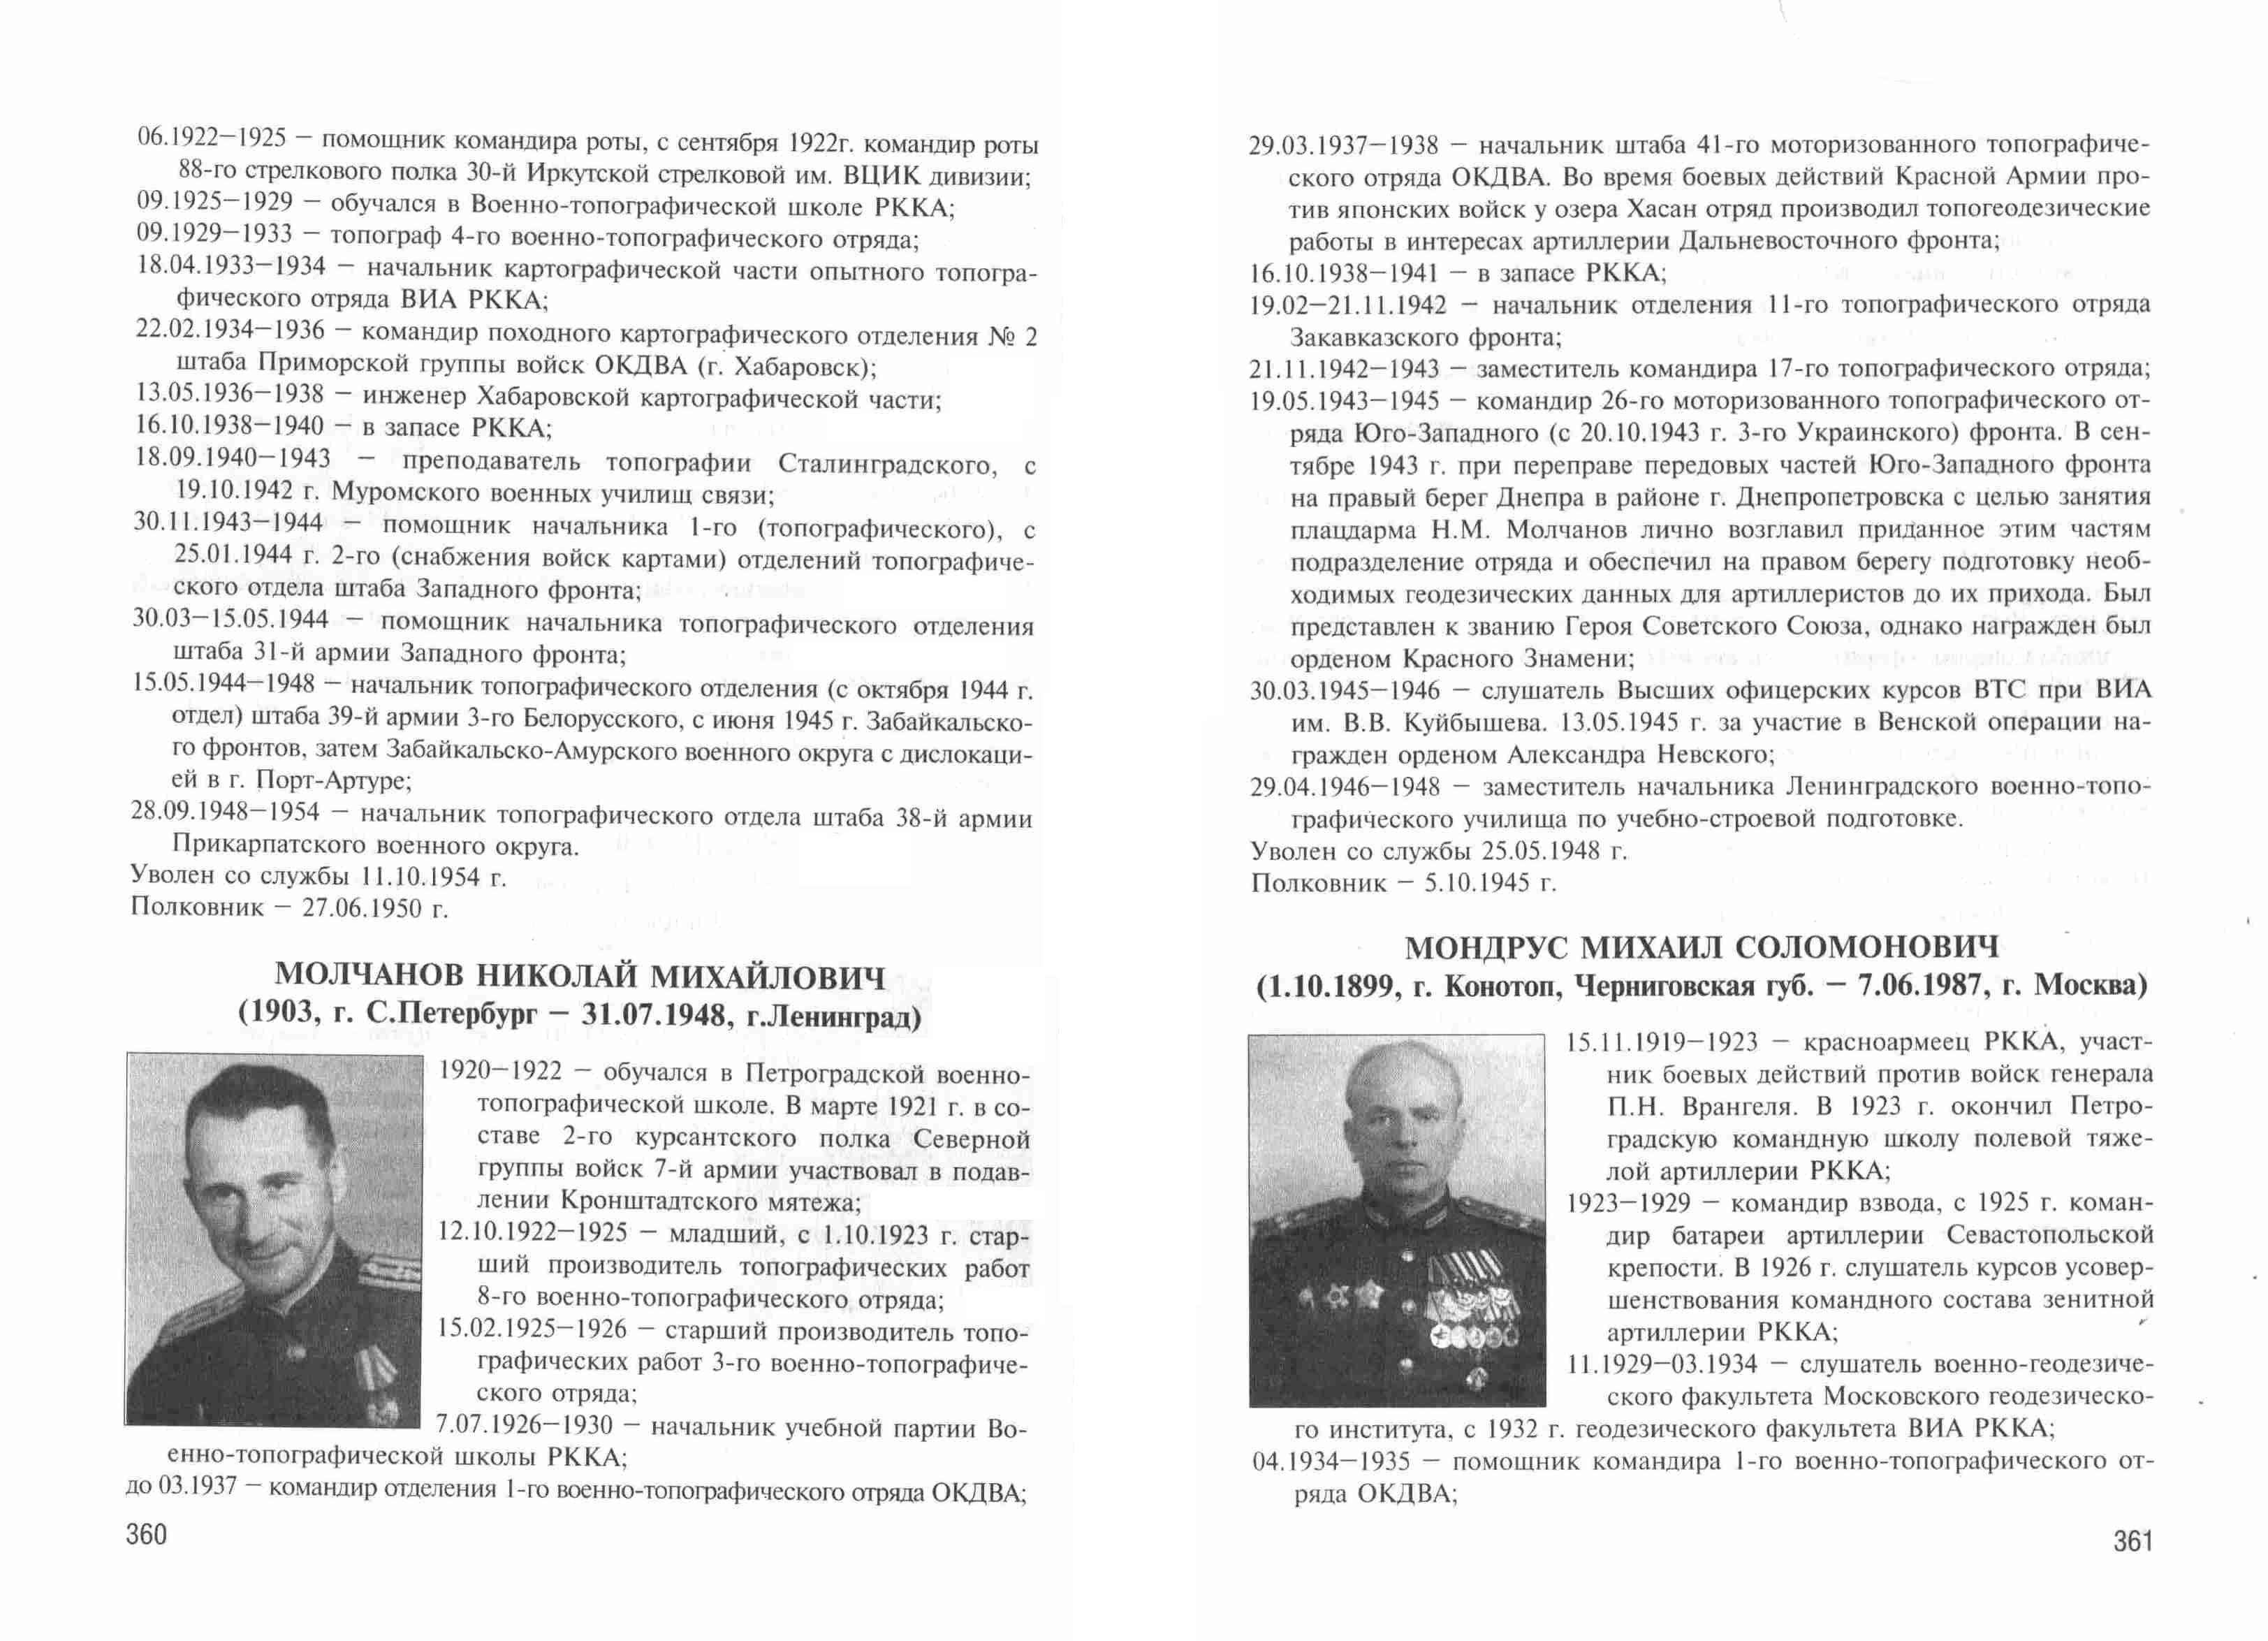 http://sf.uploads.ru/KqfU4.jpg